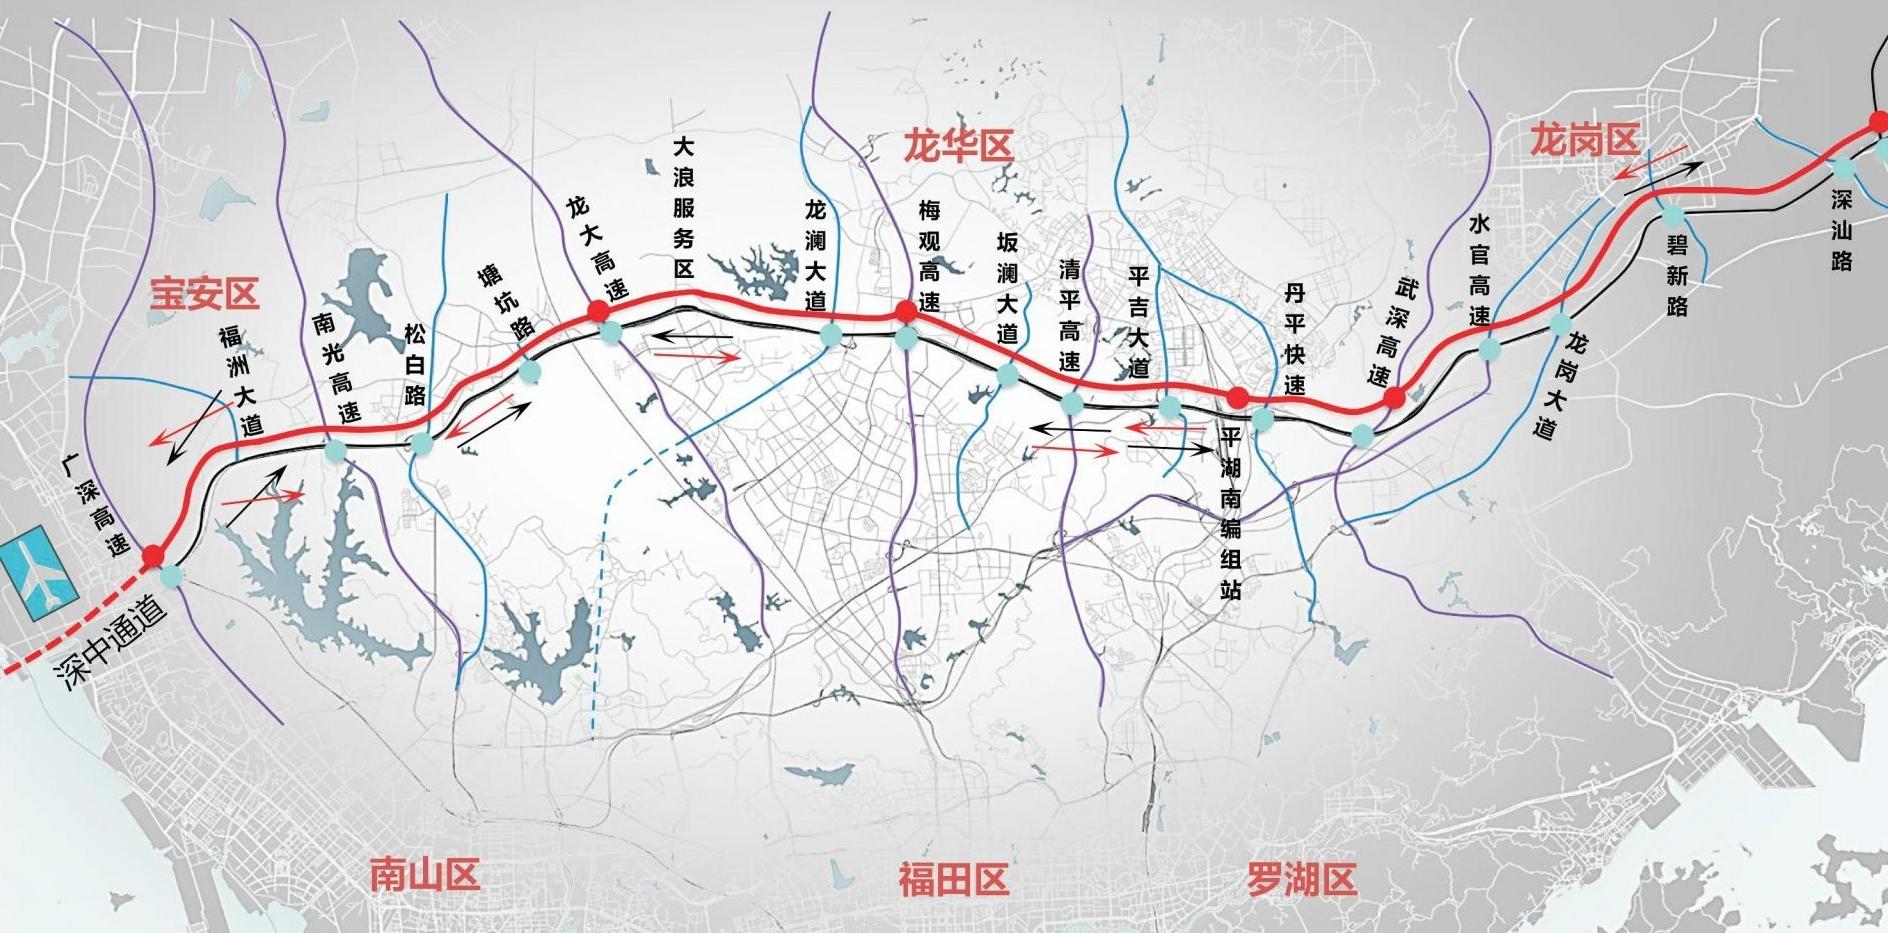 新年开工第一天,深圳又开挂!机荷高速将改上下双层8+8车道,全国首创